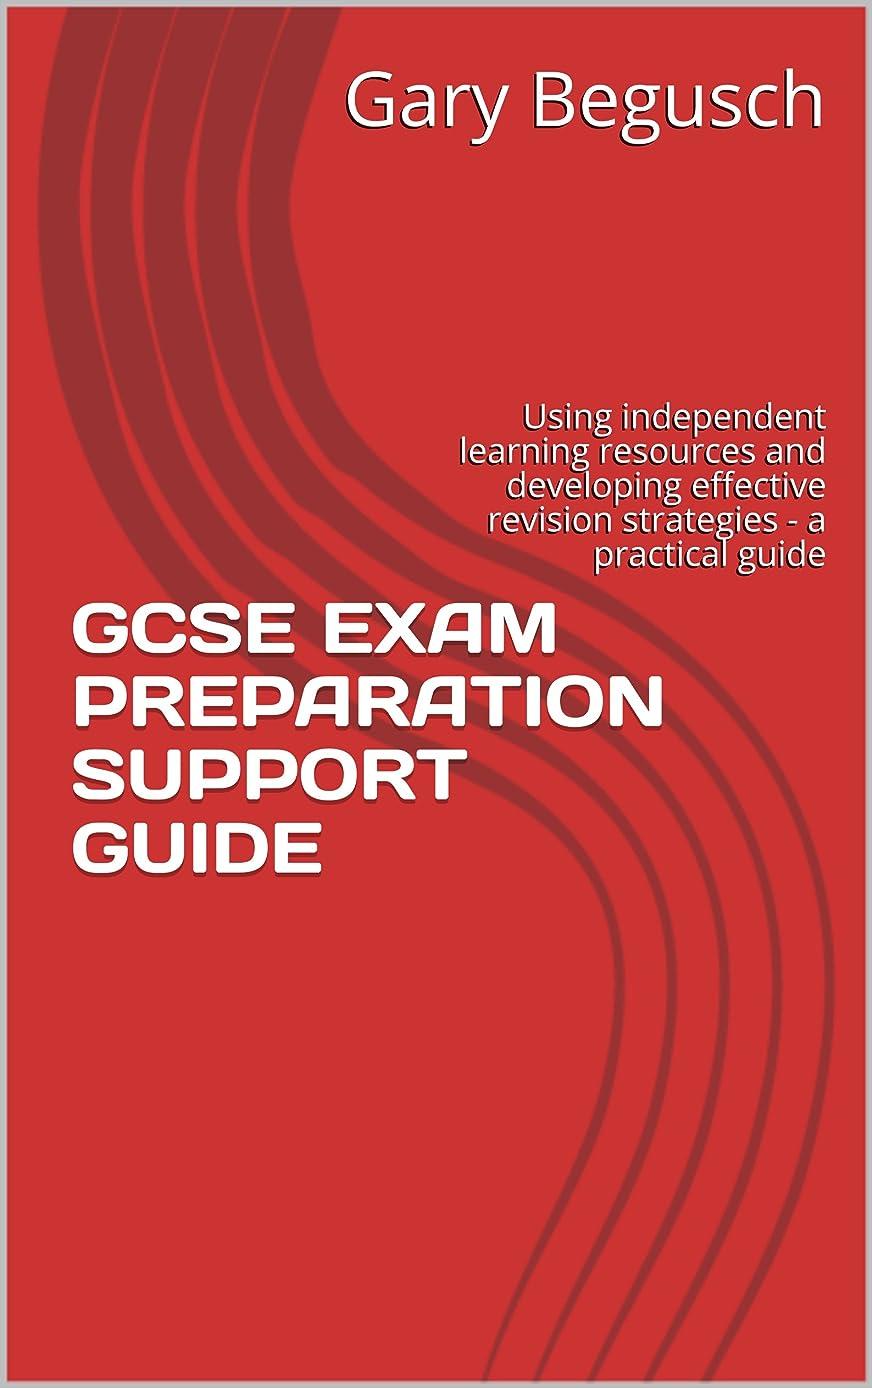 着るあいまいさ食事GCSE EXAM PREPARATION SUPPORT GUIDE: Using independent learning resources and developing effective revision strategies - a practical guide (English Edition)